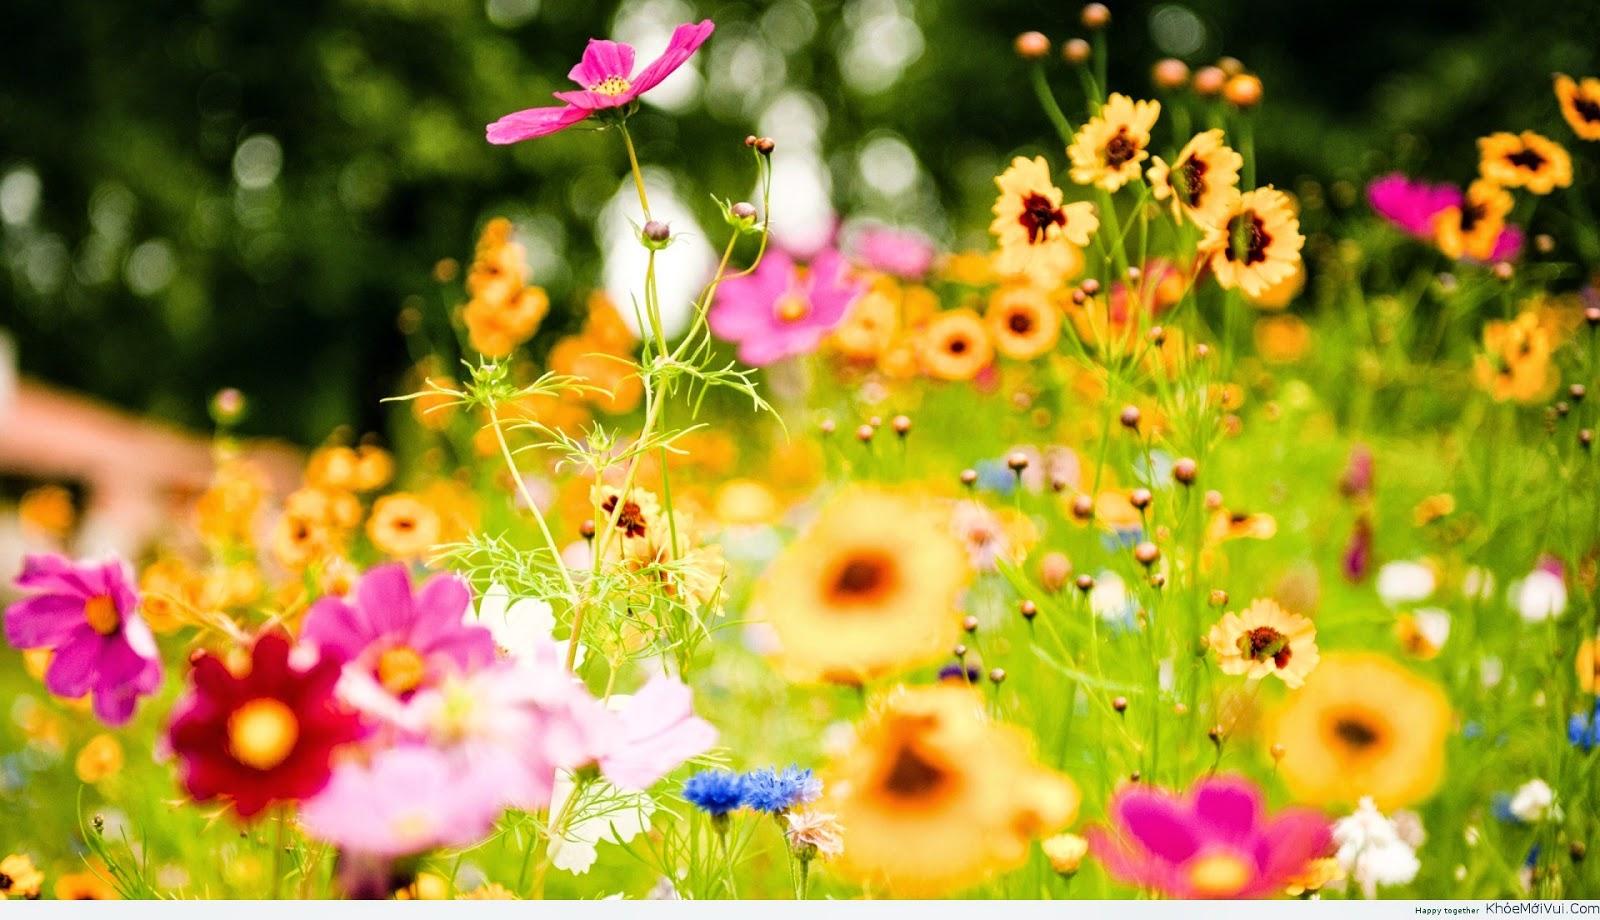 Thay đổi để cuộc sống của bạn trở nên tươi đẹp hơn